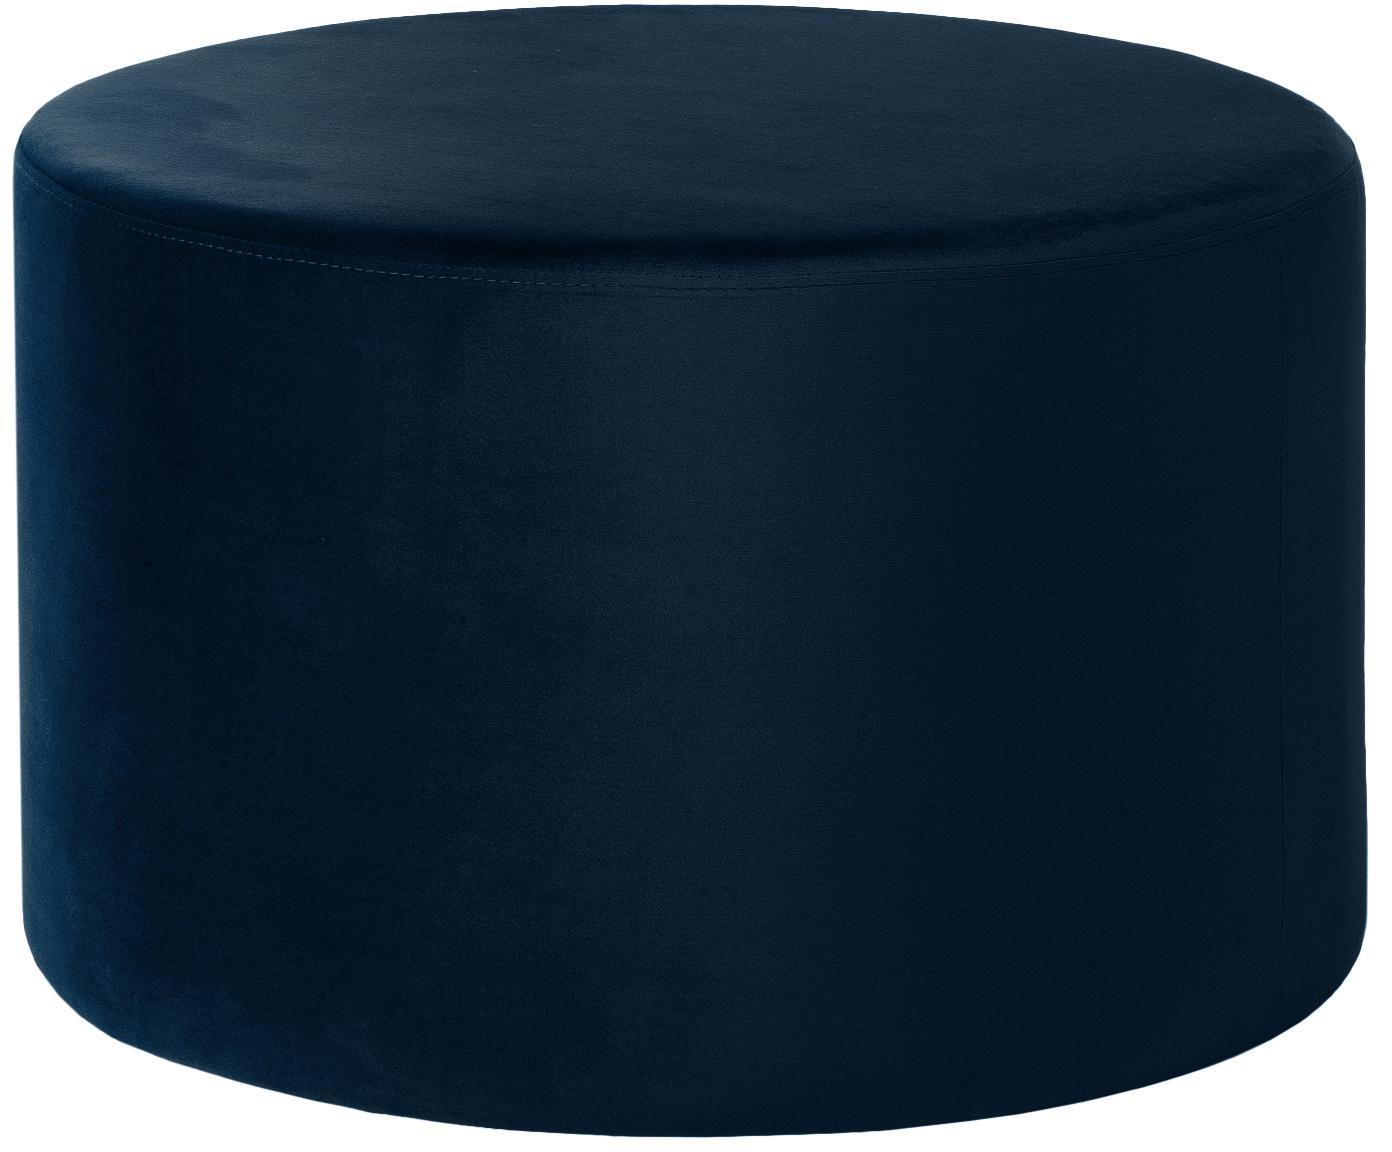 Pouf in velluto Daisy, Rivestimento: velluto (poliestere), Struttura: pannello di fibra a media, Blu marino, Ø 62 x Alt. 41 cm